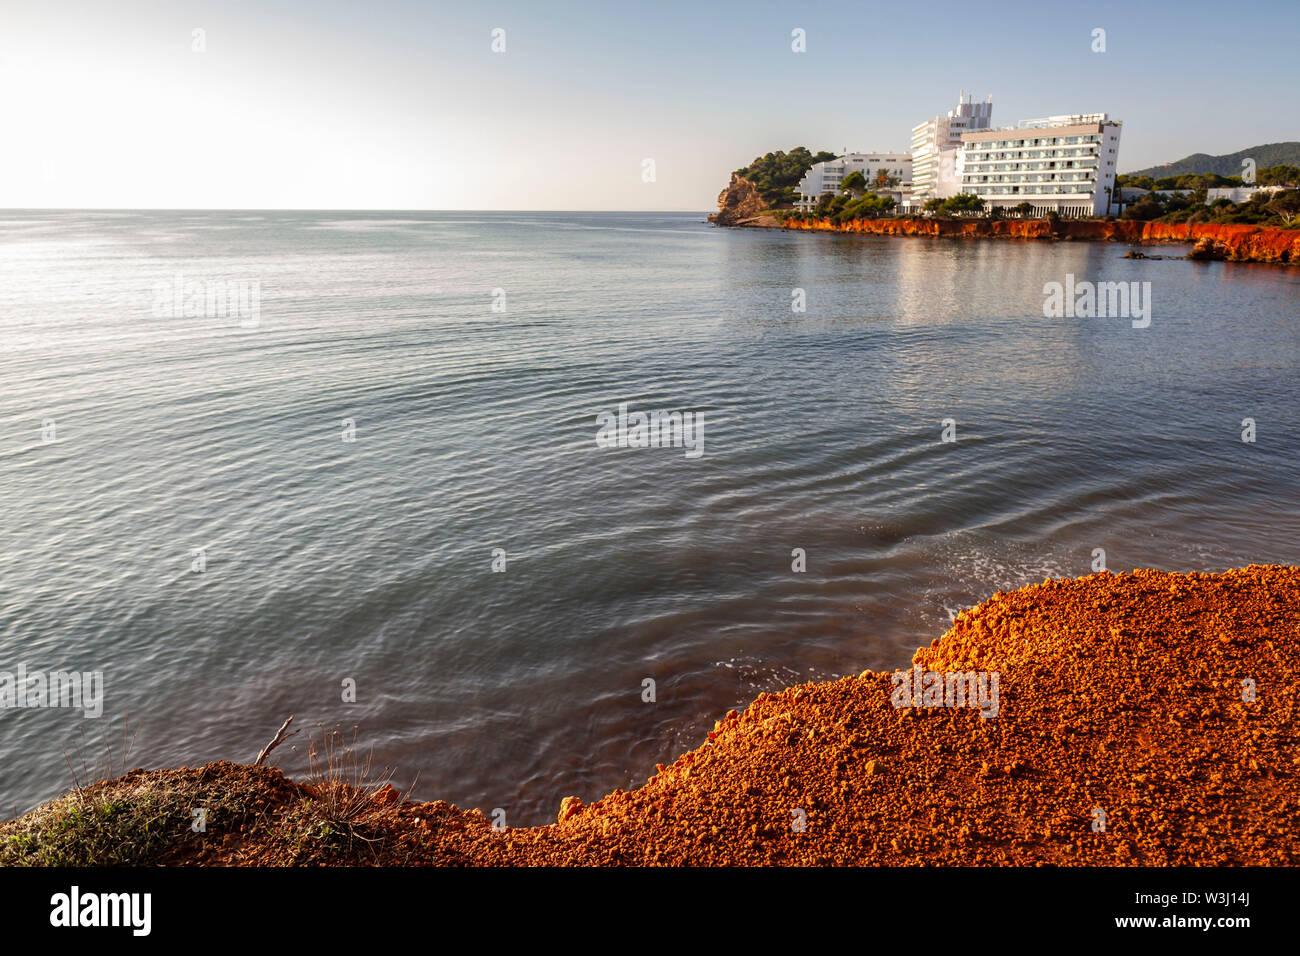 Santa Eulària des Riu, littoral, costiere particolari rocce color ocra. Vista del mediterraneo, isola di Ibiza, Isole Baleari, Spagna. Foto Stock